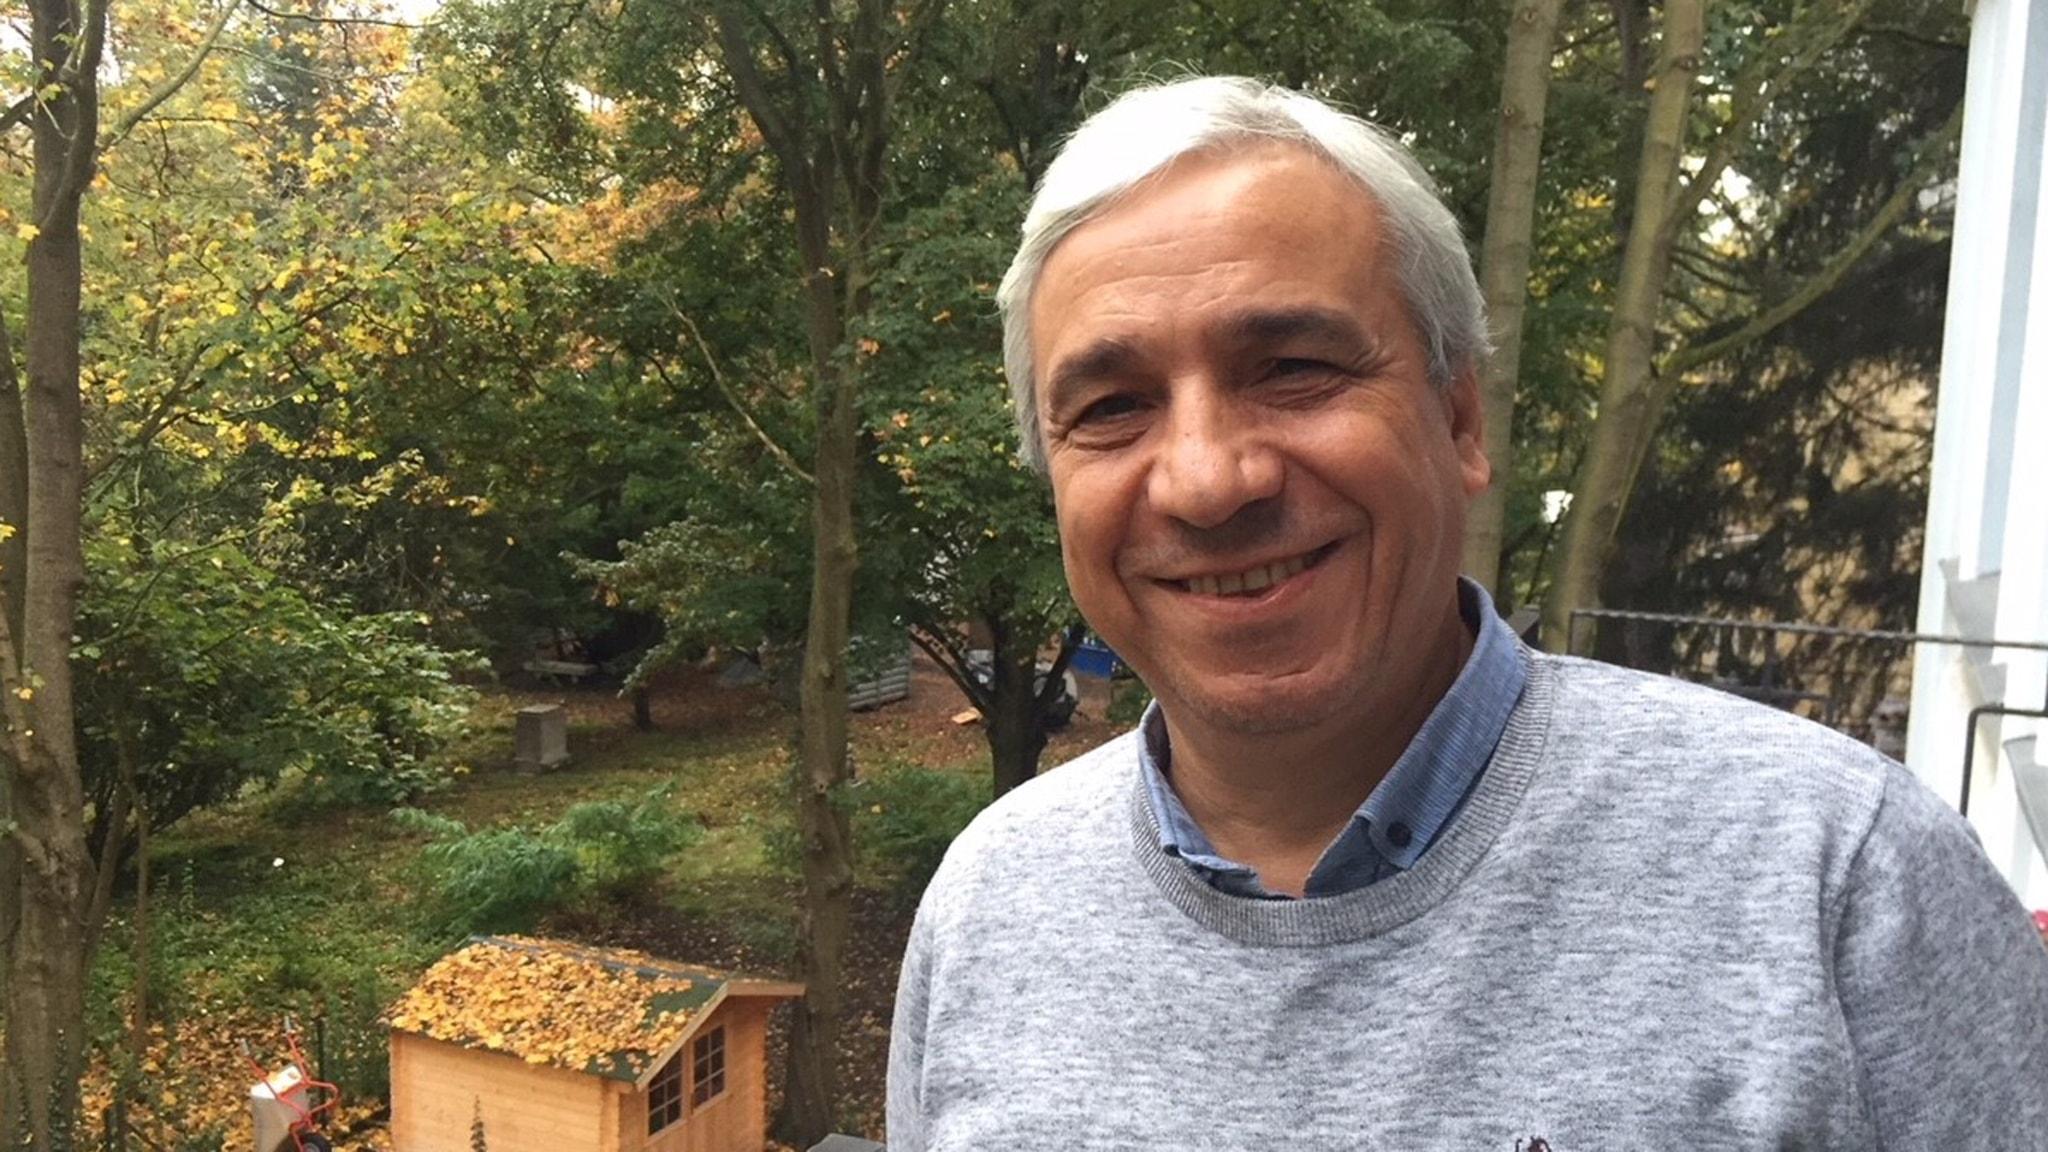 Kulturnytt: Statistikbråk splittrar biobranschen, Tucholskypriset till  Yassin al-Haj Saleh, syrisk författare och dissident